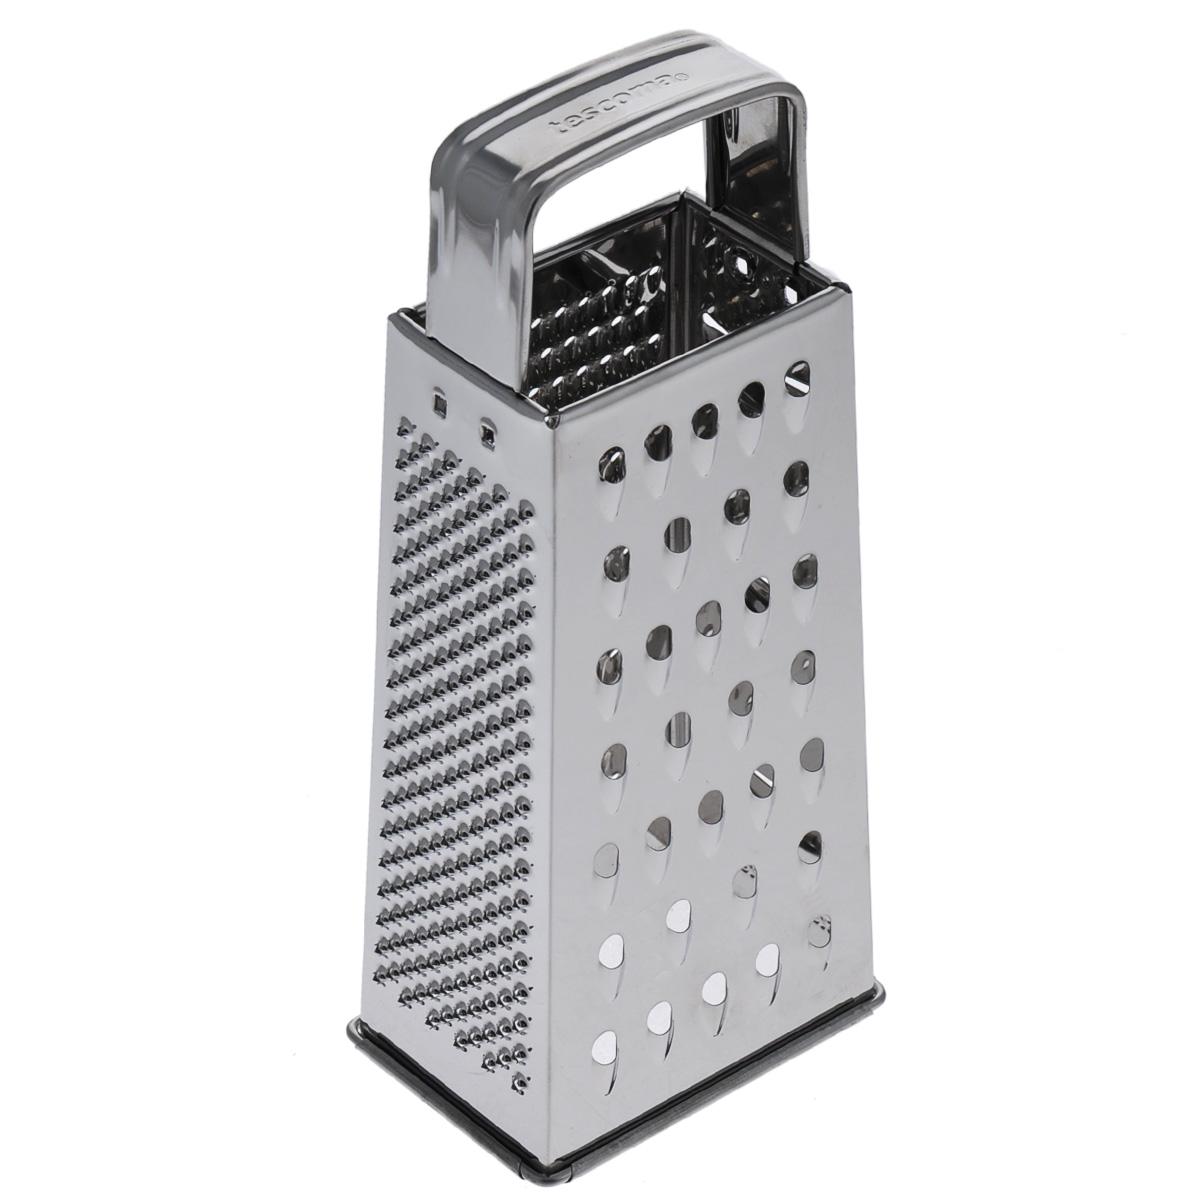 Терка четырехгранная Tescoma Handy, высота 23 см643742Четырехгранная терка Tescoma Handy, выполненная из высококачественнойнержавеющей стали с зеркальной полировкой, станет незаменимым атрибутомприготовления пищи. Сверху на терке находится удобная ручка. На одном изделиепредставлены четыре вида терок - крупная, мелкая, фигурная и нарезка ломтиками.Современный стильный дизайн позволит терке занять достойное место на вашейкухне. Можно мыть в посудомоечной машине. Высота терки (без учета ручки): 18,5 см.